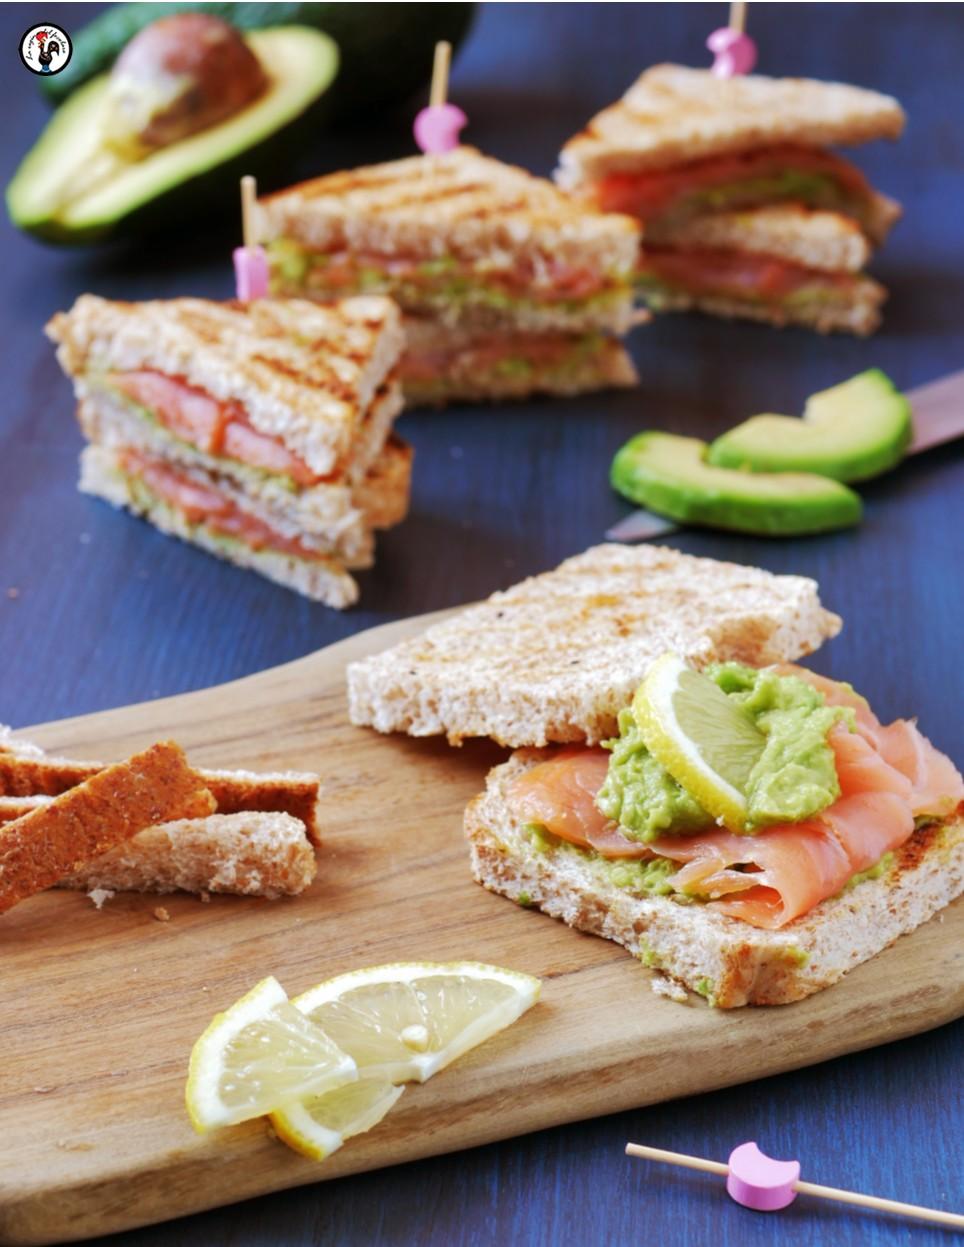 Sandwich di pane integrale con salmone e avocado